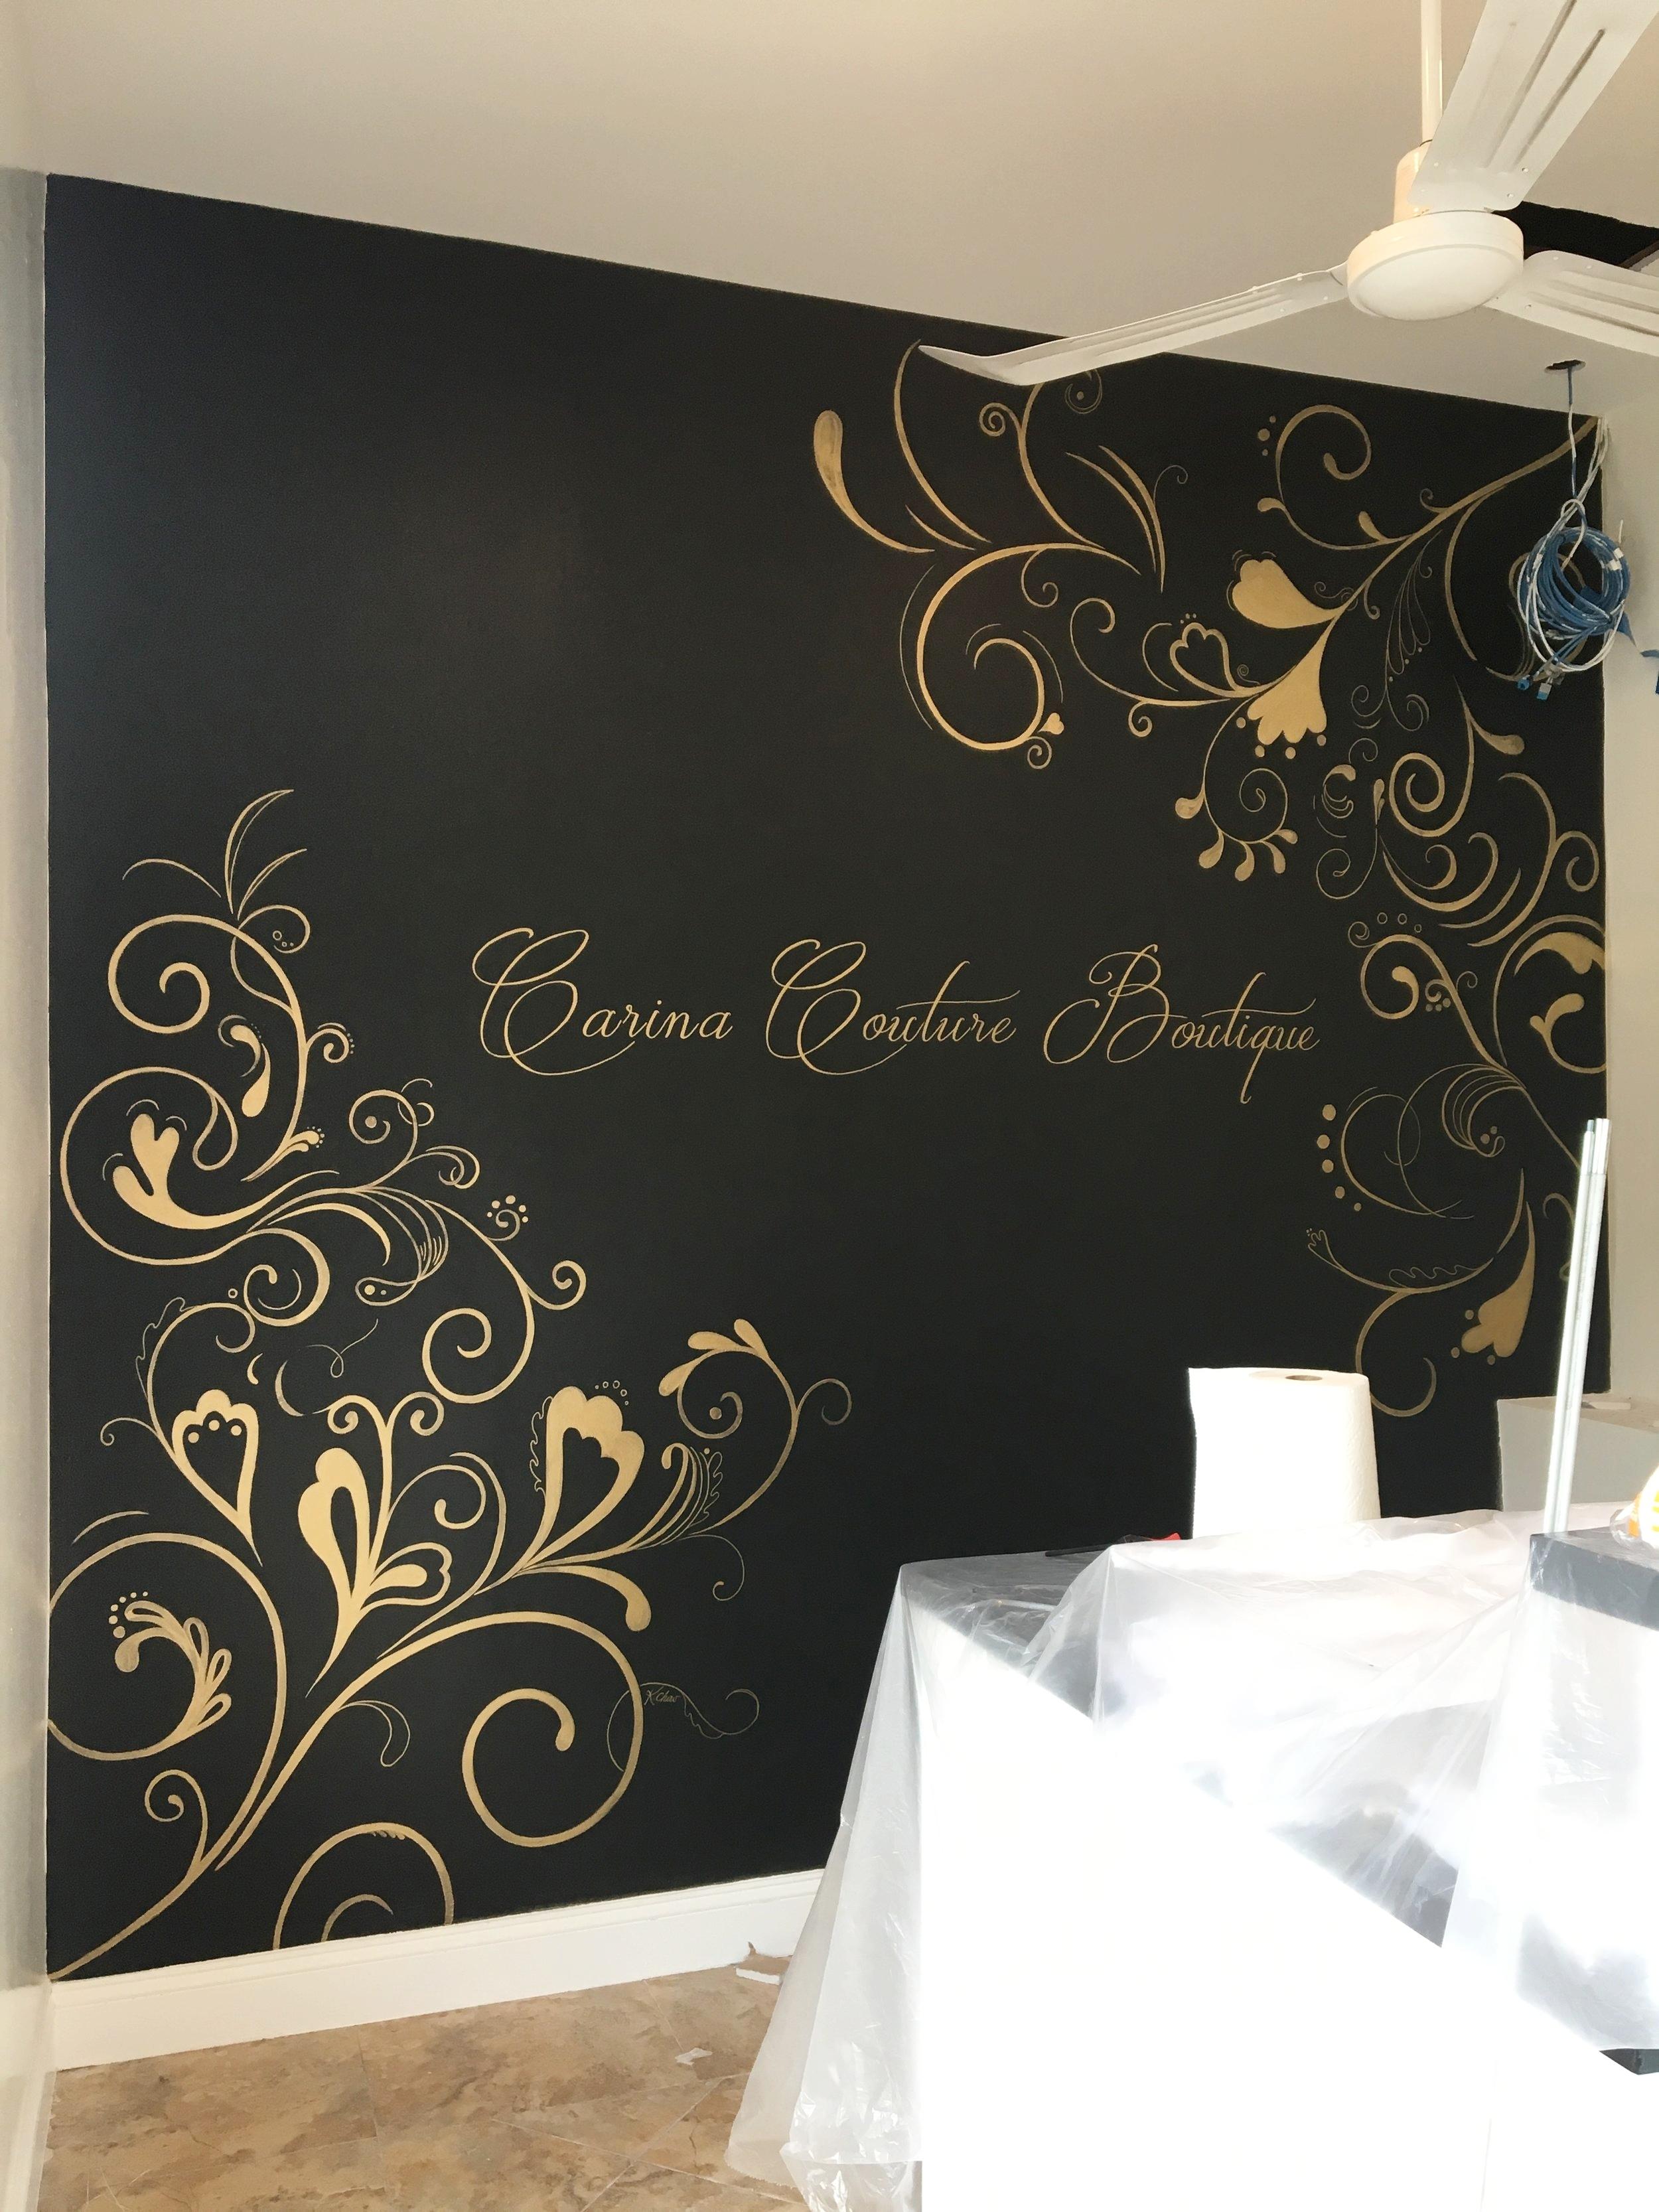 Hand painted flourishes & logo